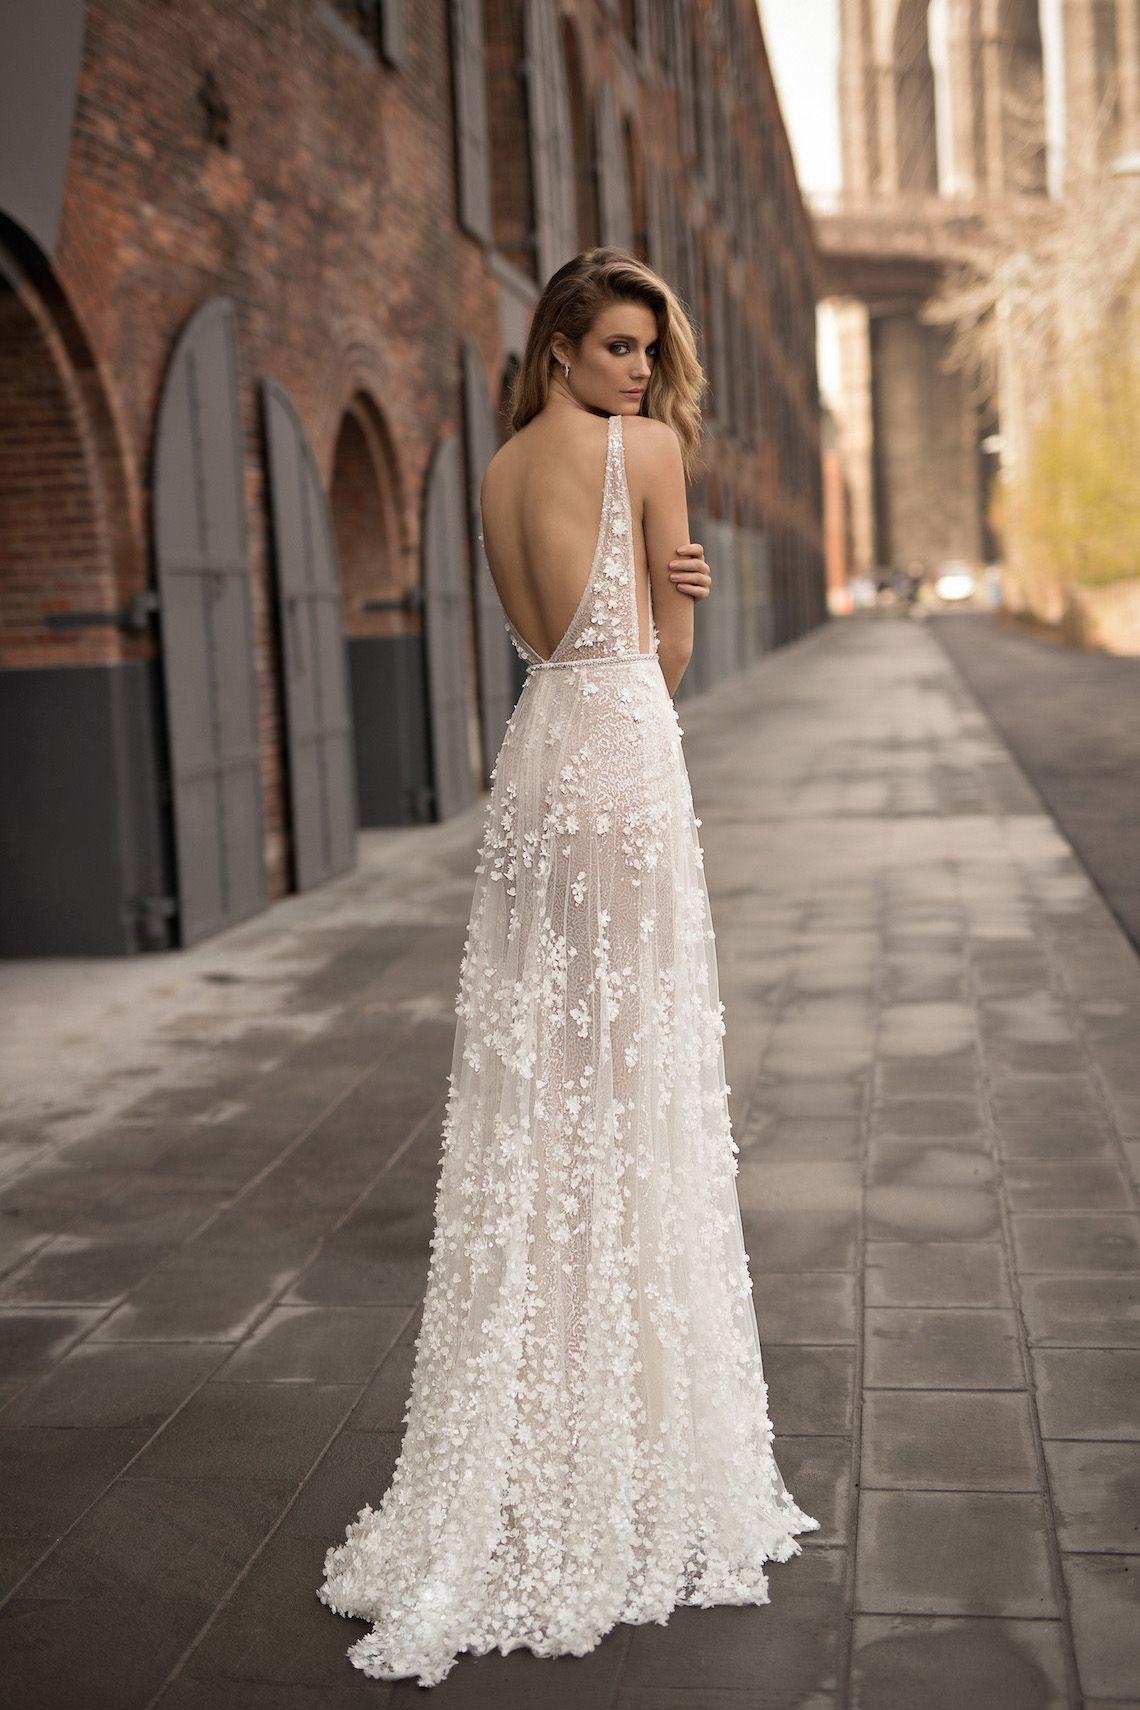 Cheap Sexy Wedding Dresses Cheap Wedding Dress Under 50 Wedding